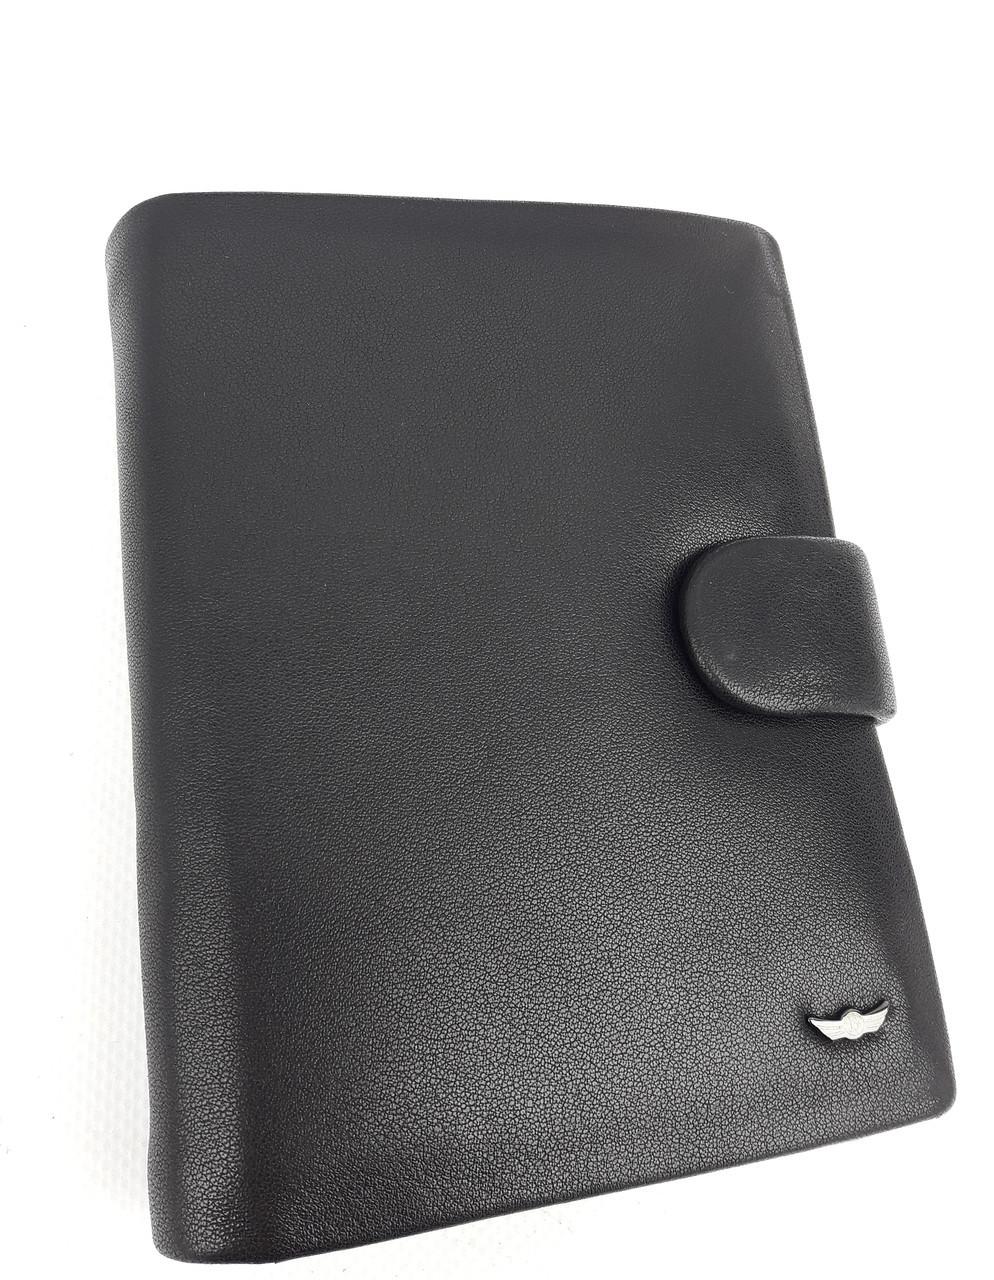 Мужское кожаное портмоне Balisa PY-001-92 black Кожаное портмоне balisa оптом, Одесса 7 км